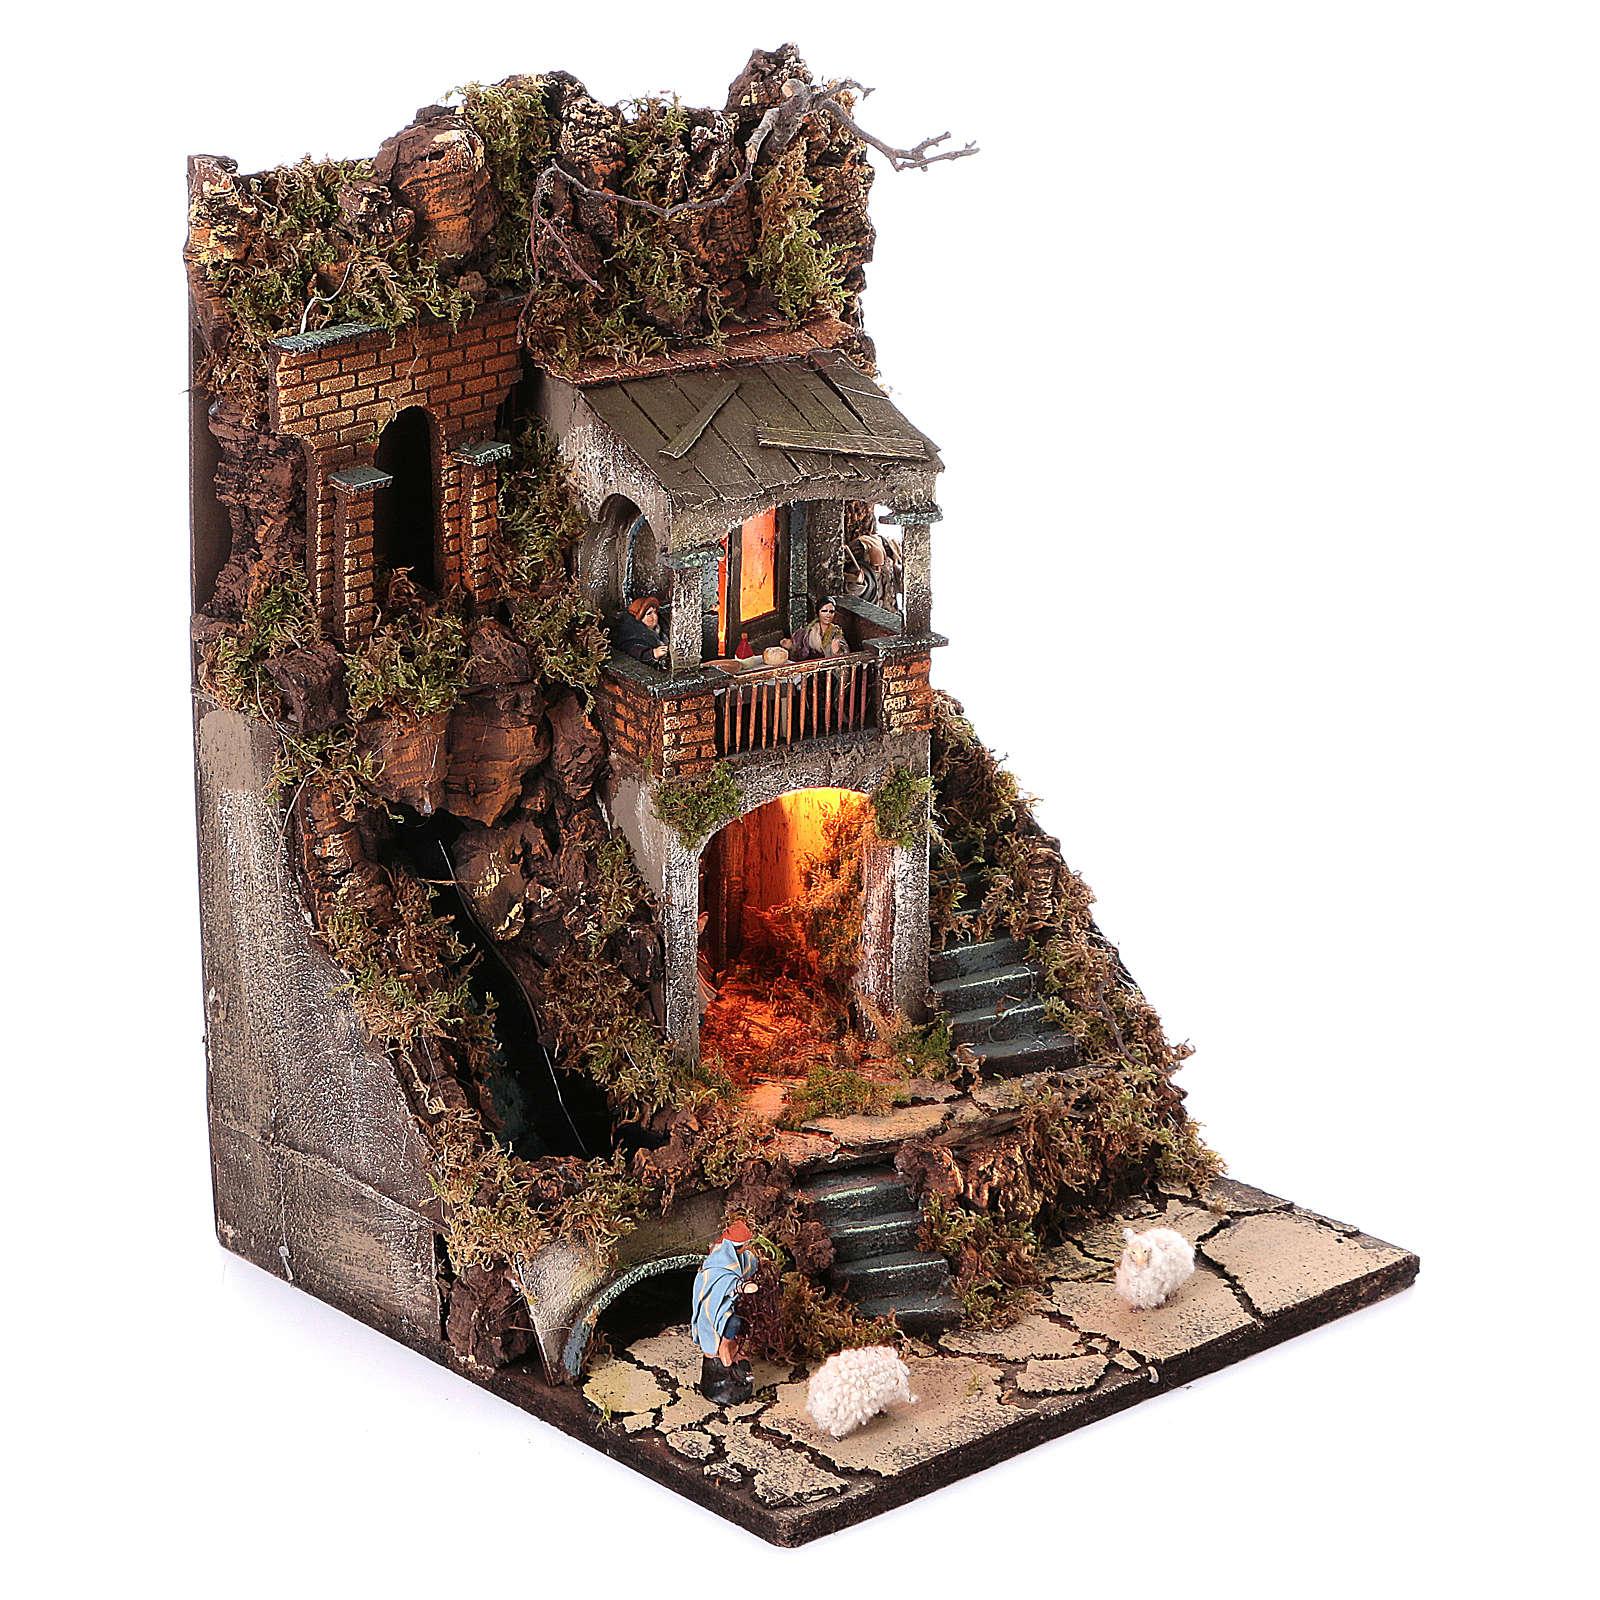 Borgo presepe modulare completo 55x245x40 con statuine di 8 cm 4